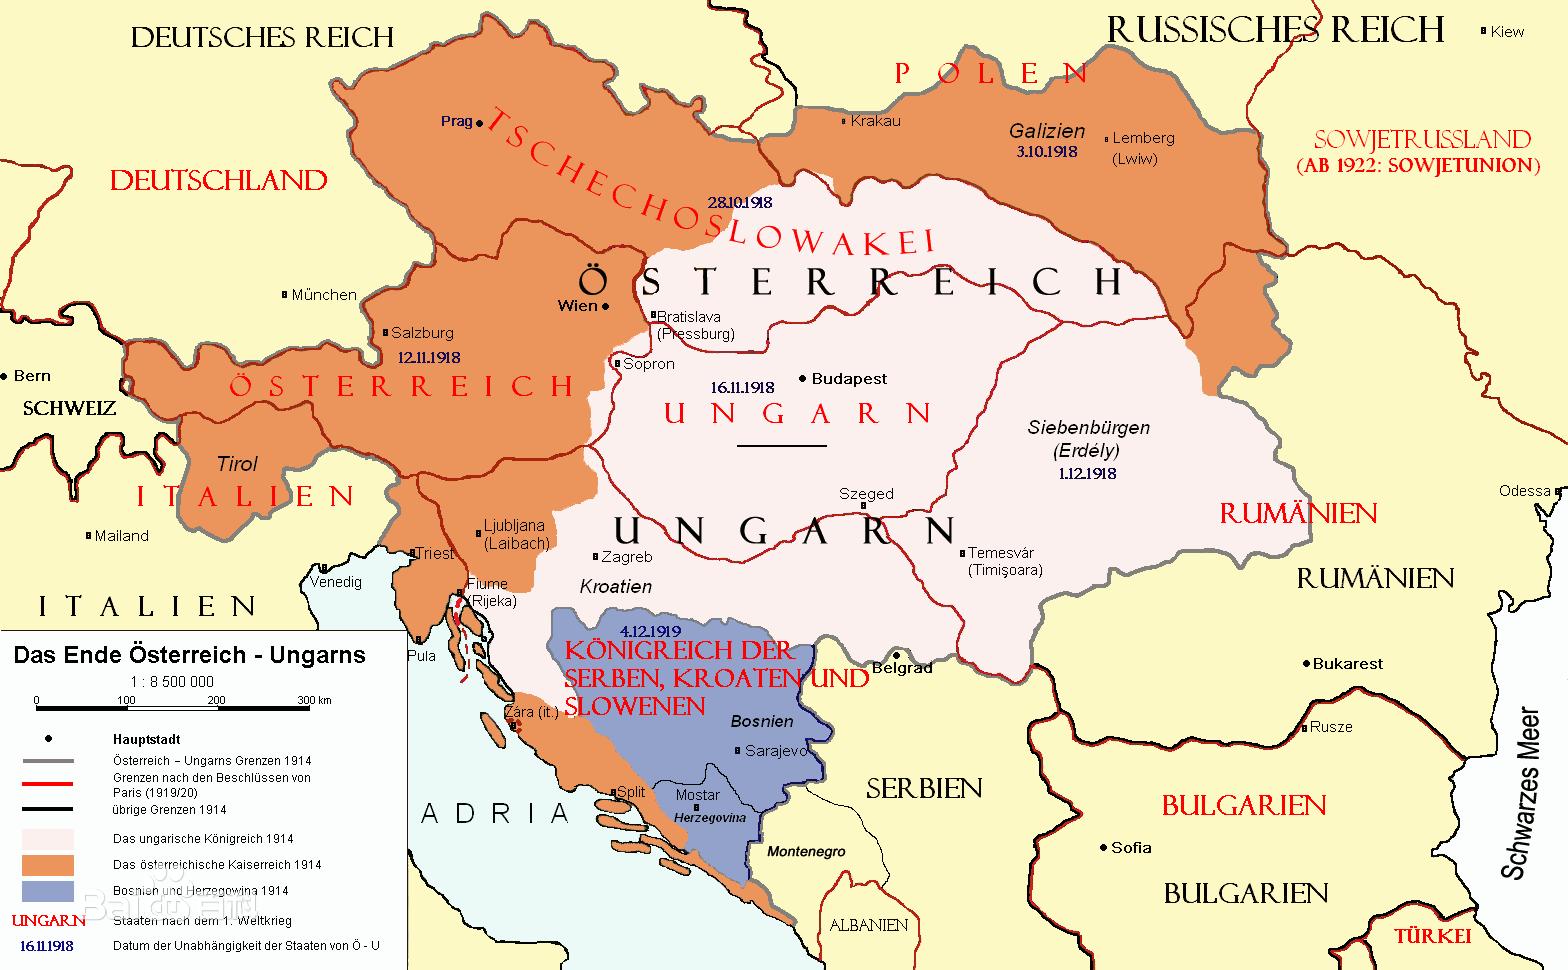 奥匈帝国的解体对中欧地区乃至全欧洲的政治格